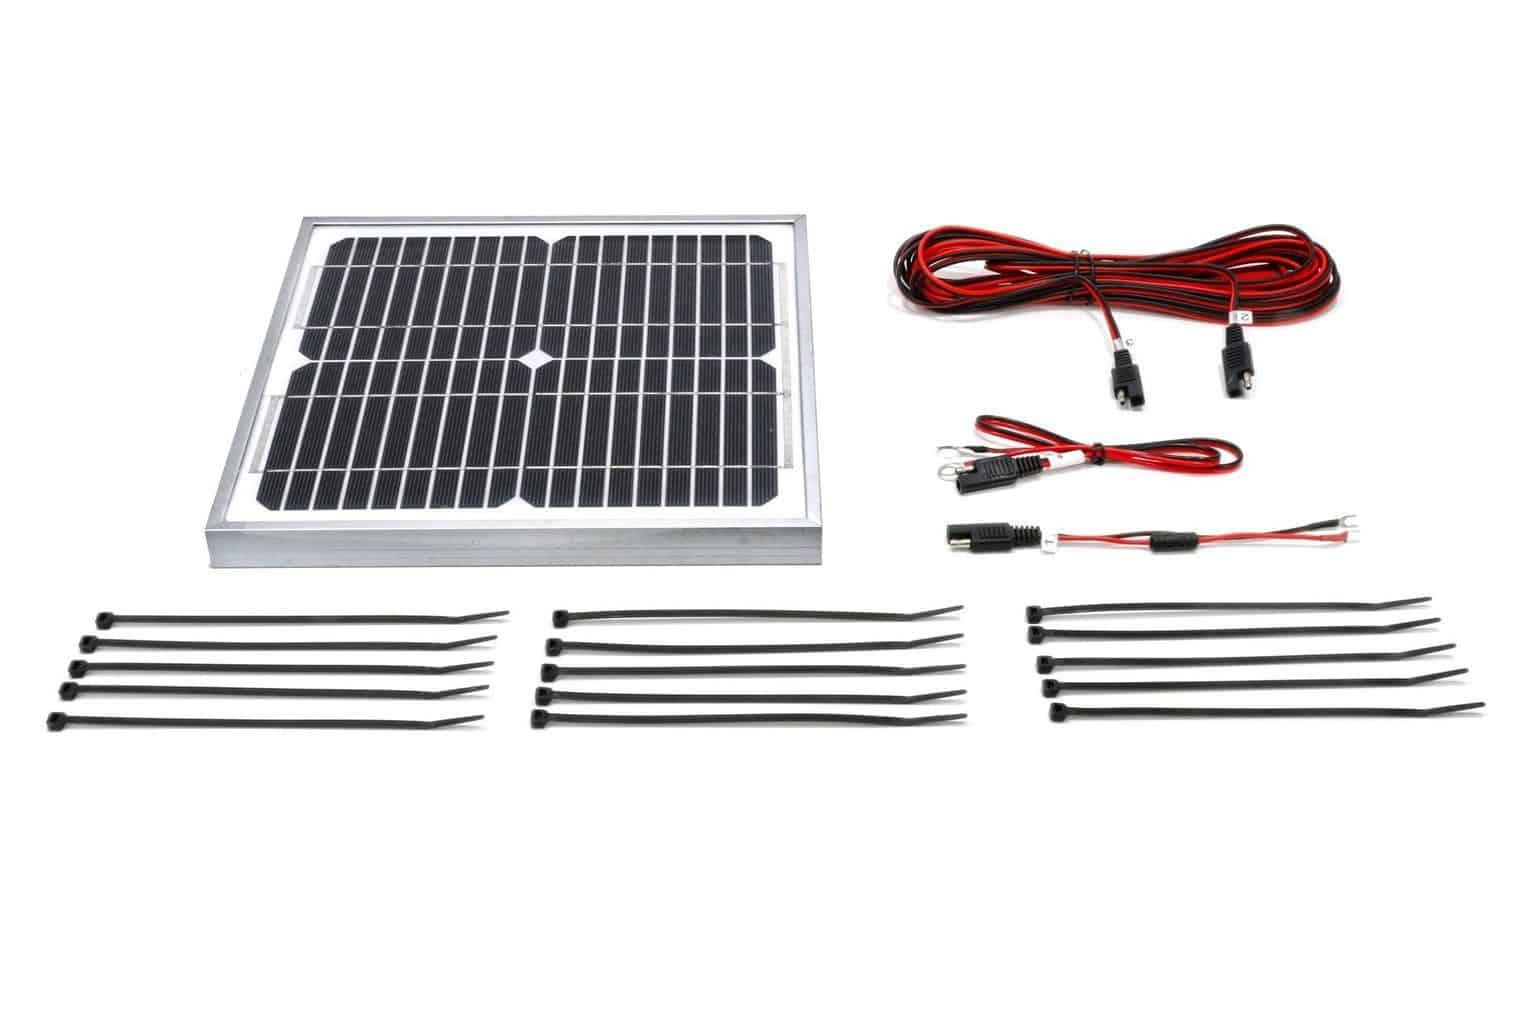 10 Watt 12 Volt Boat Lift Solar Charging Kit Midwest